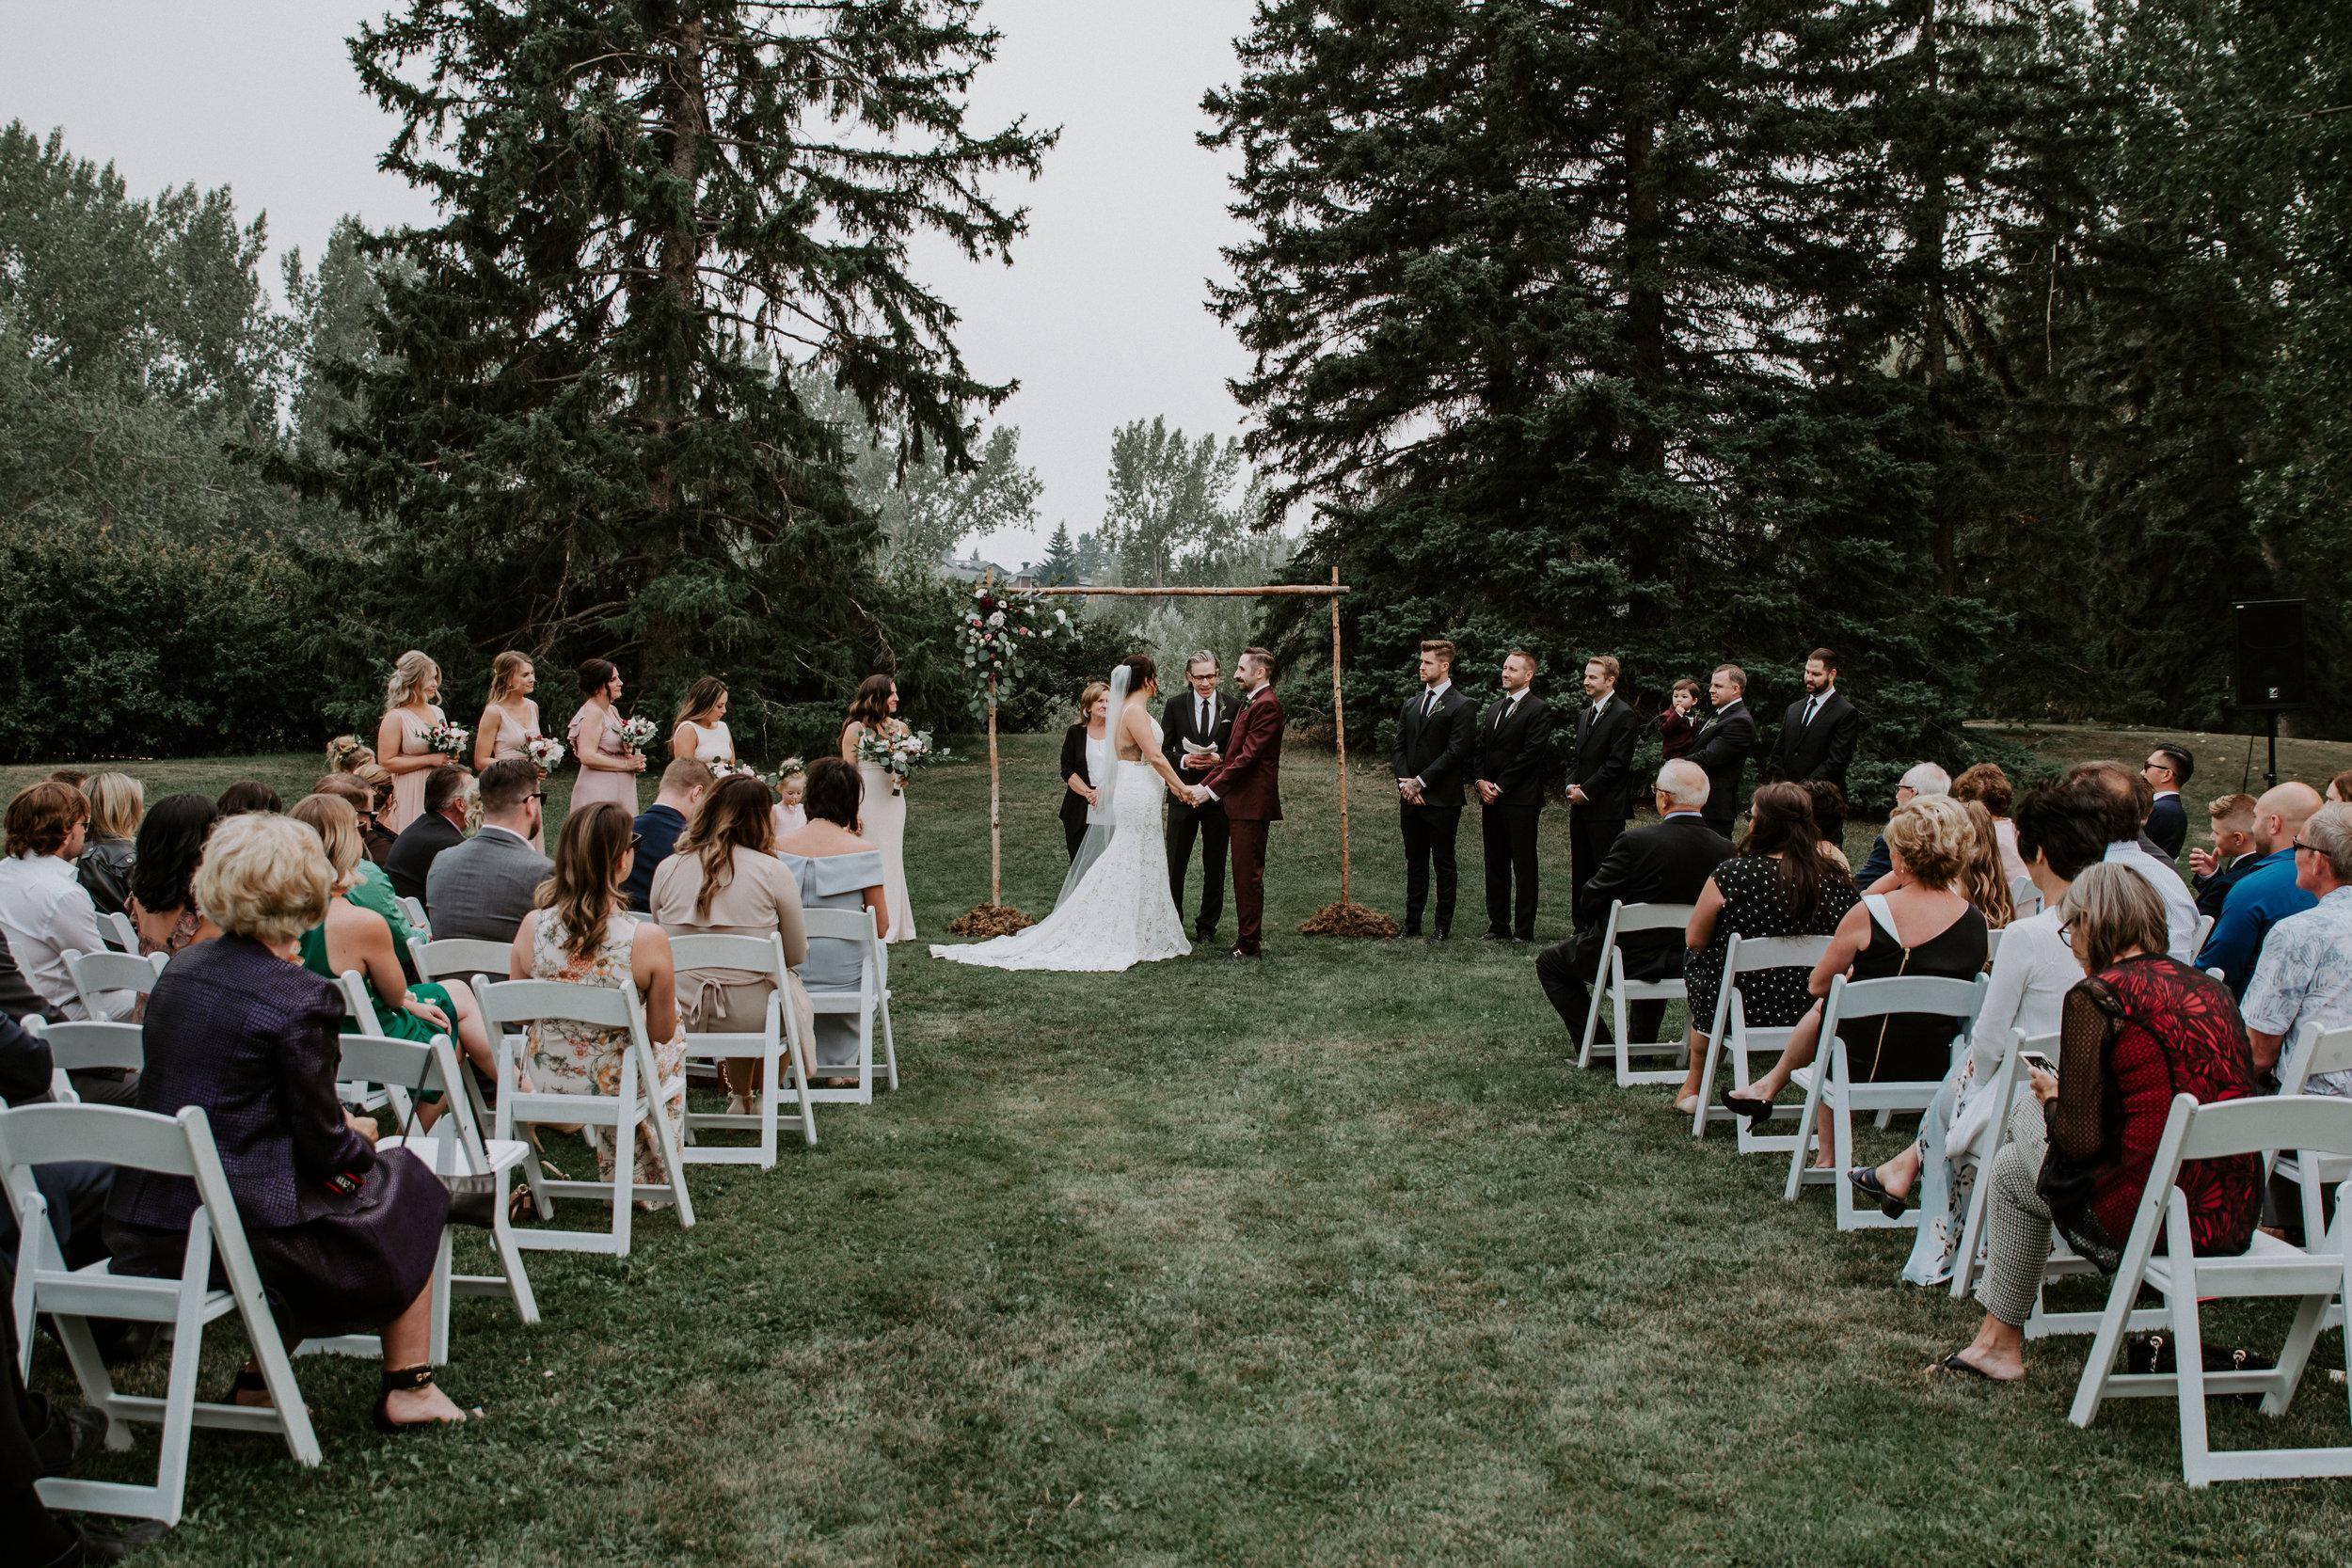 Calgary Wedding Photographer - 26 of 84.jpg